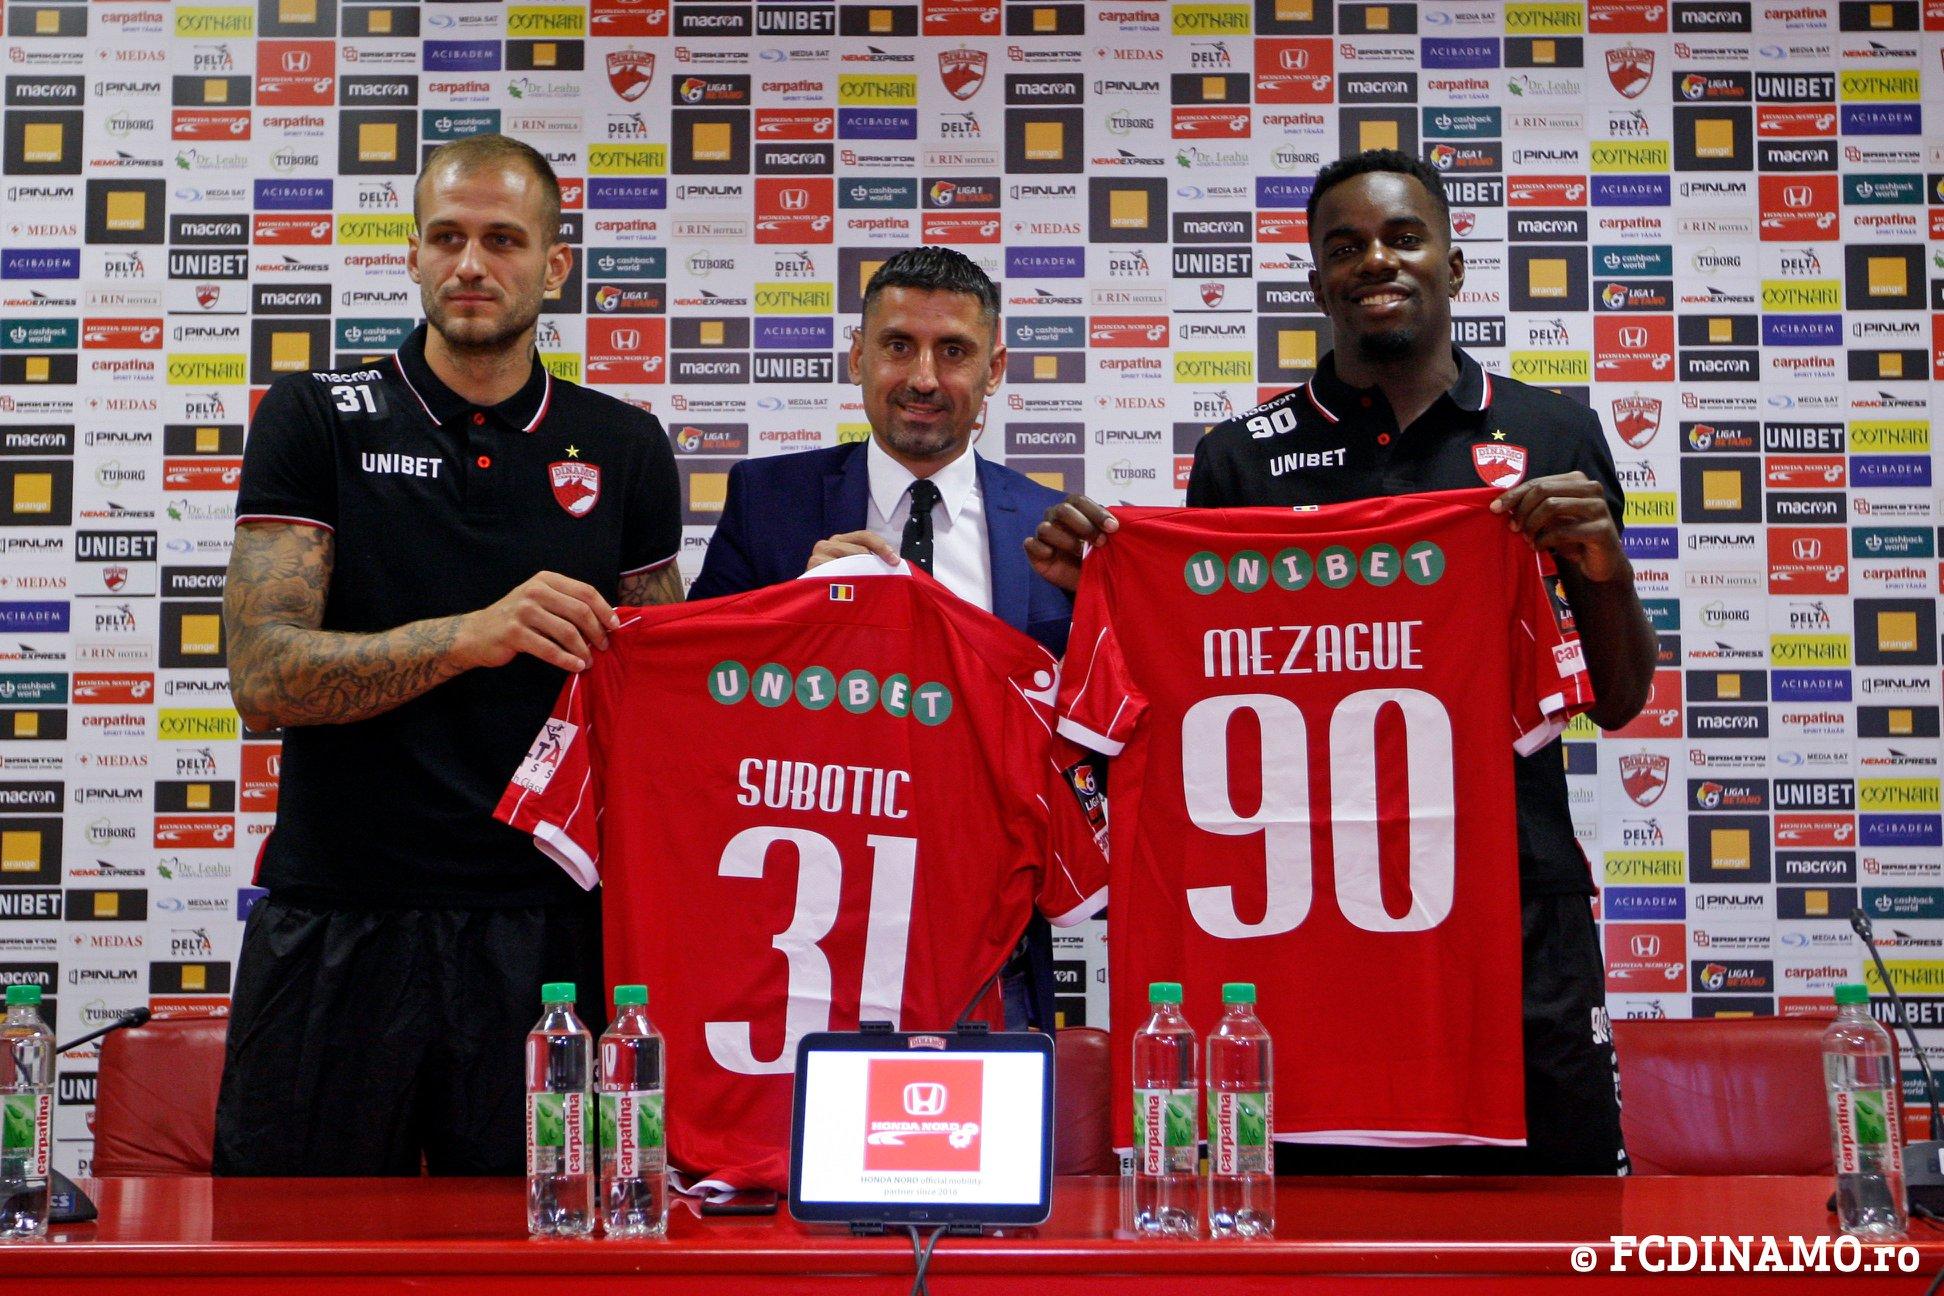 Danijel Subotic, declaraţie războinică după ce a fost prezentat oficial la FC Dinamo Bucureşti. Atacantul în cadrul unei conferinţe de presă alături de Ionel Dănciulescu şi Teddy Mezague